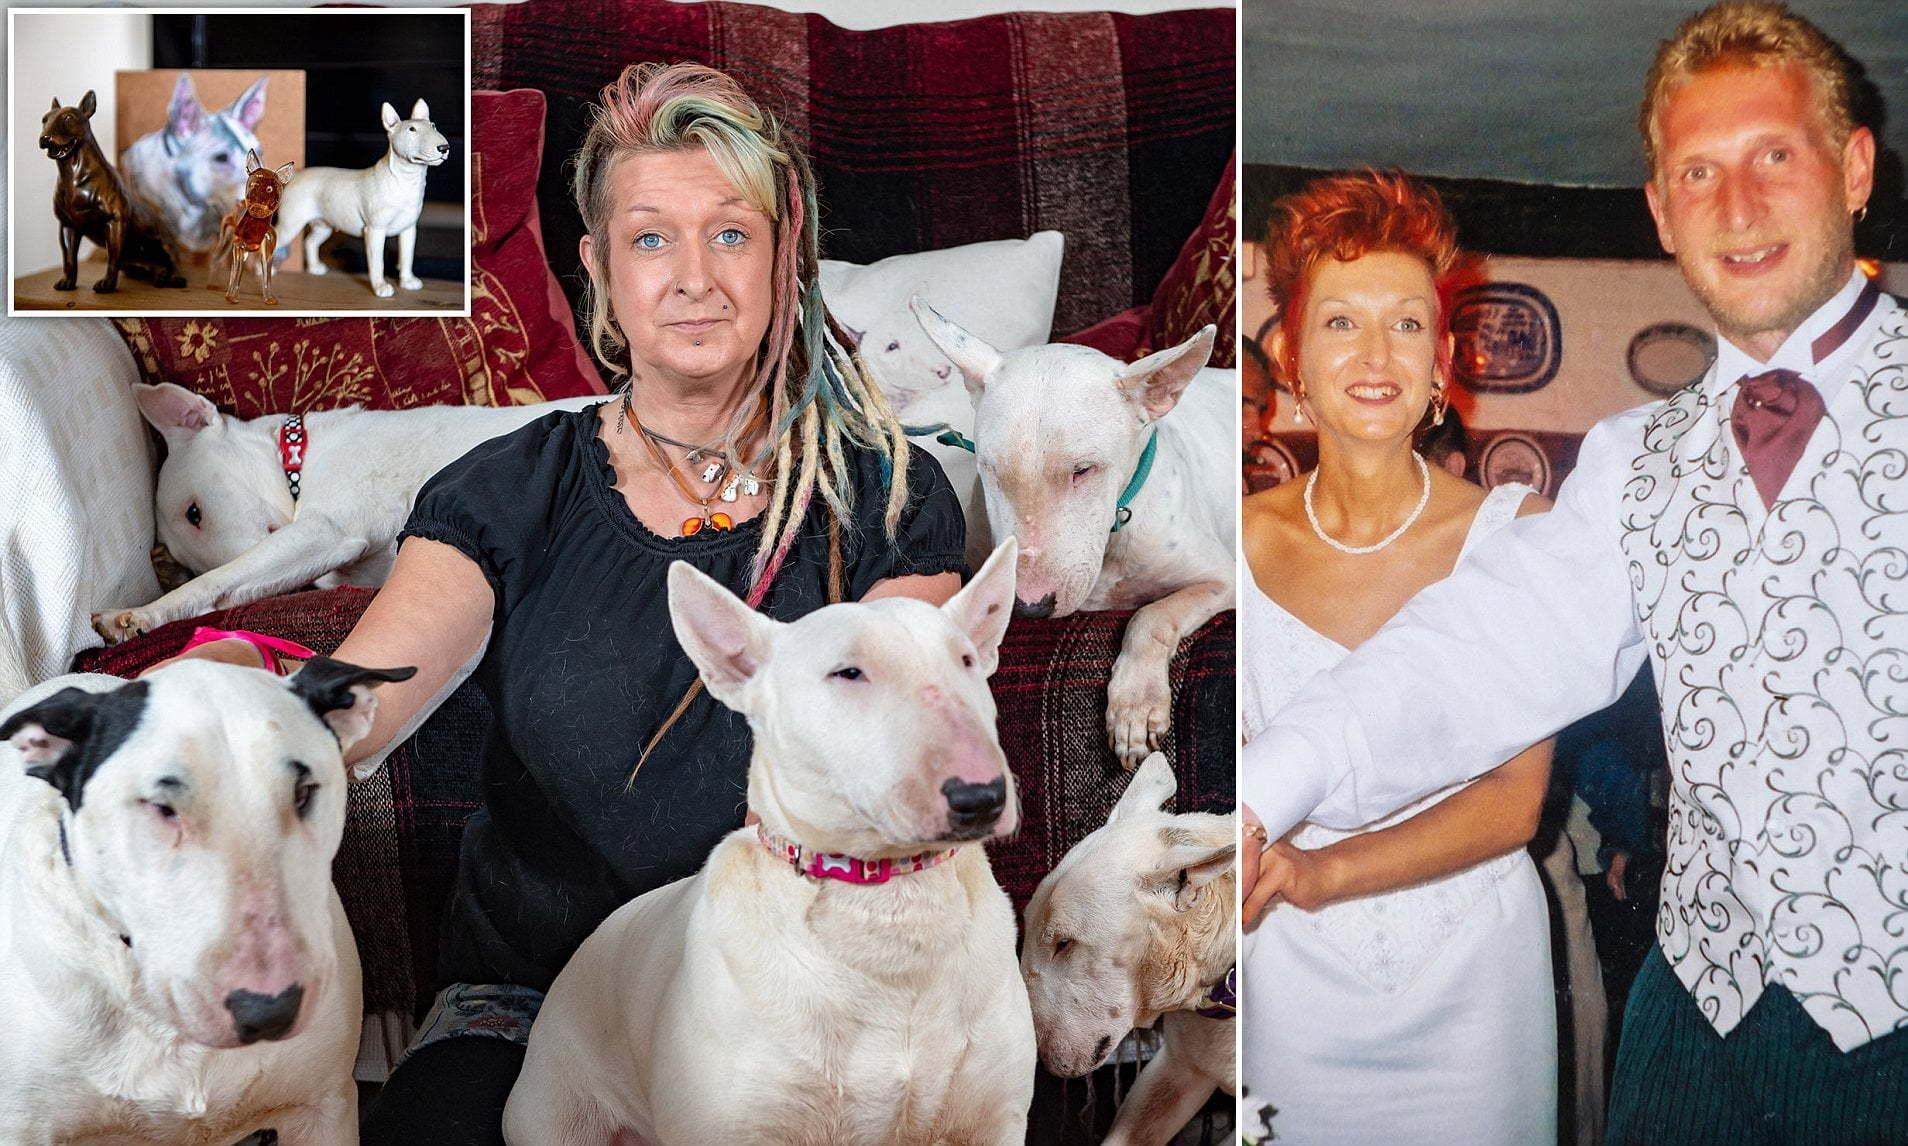 Chiede alla moglie di scegliere tra lui o i cani: si separano